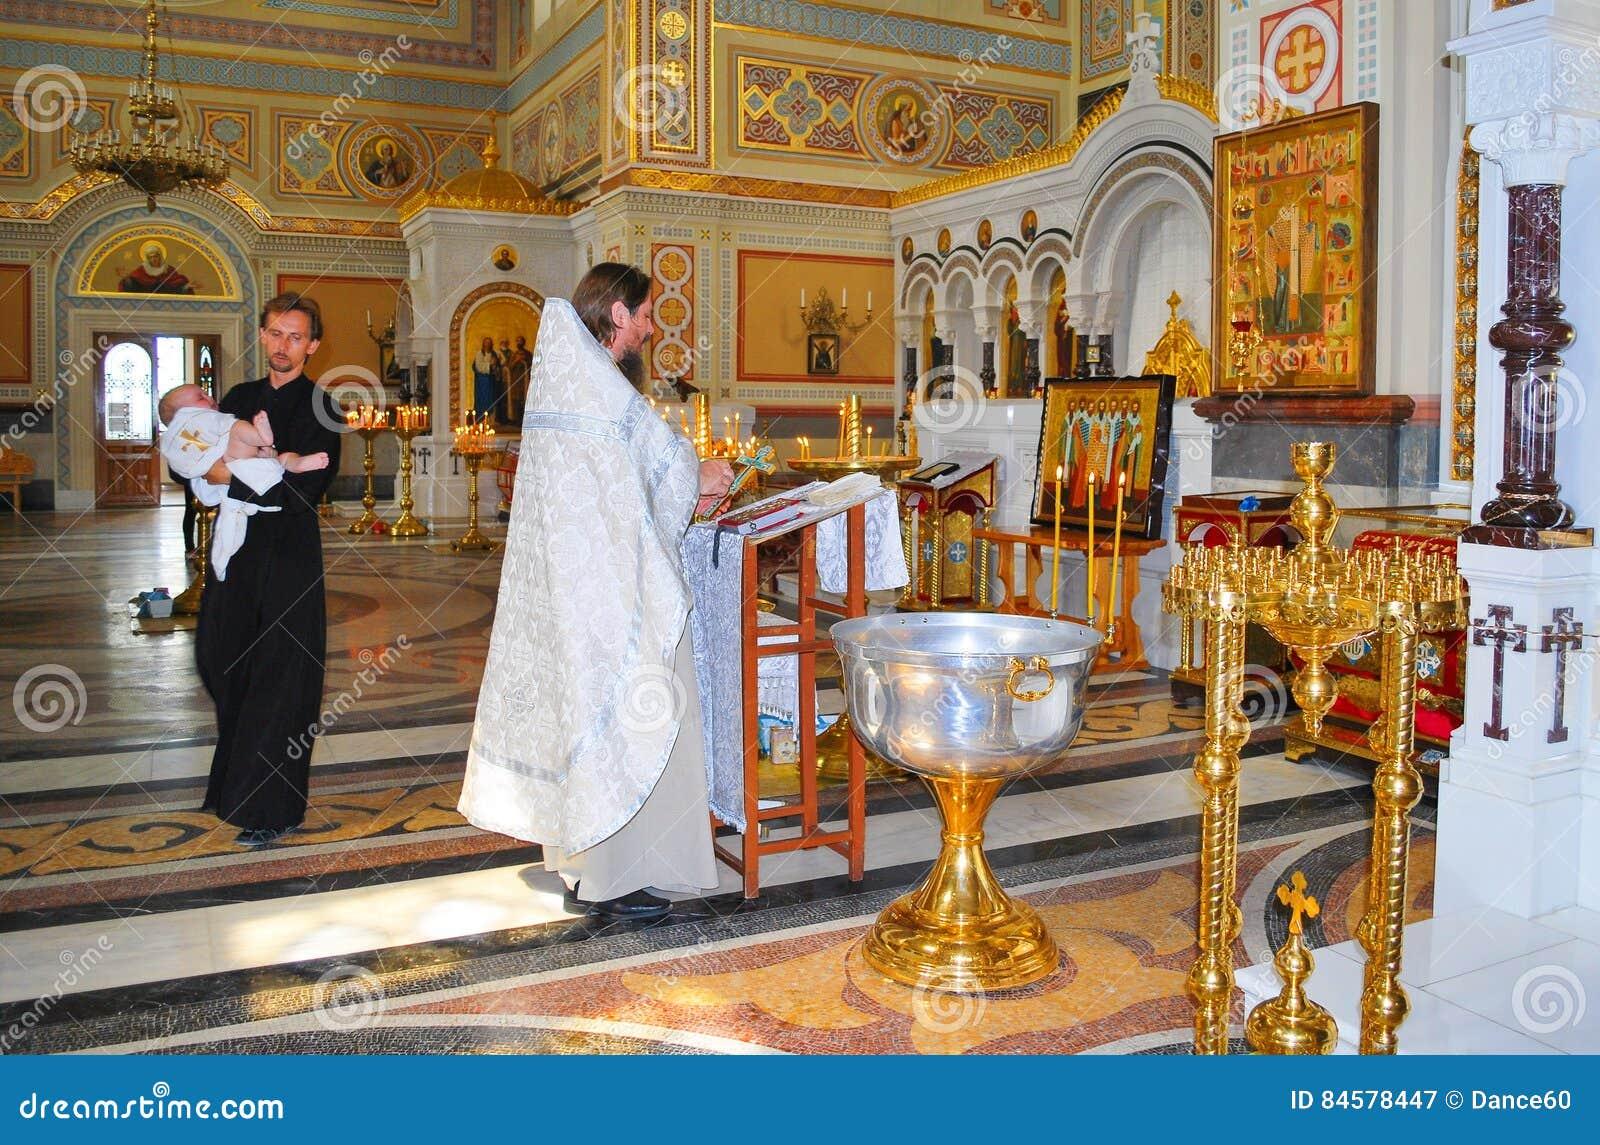 Обряд крещения ребенка в Христианстве